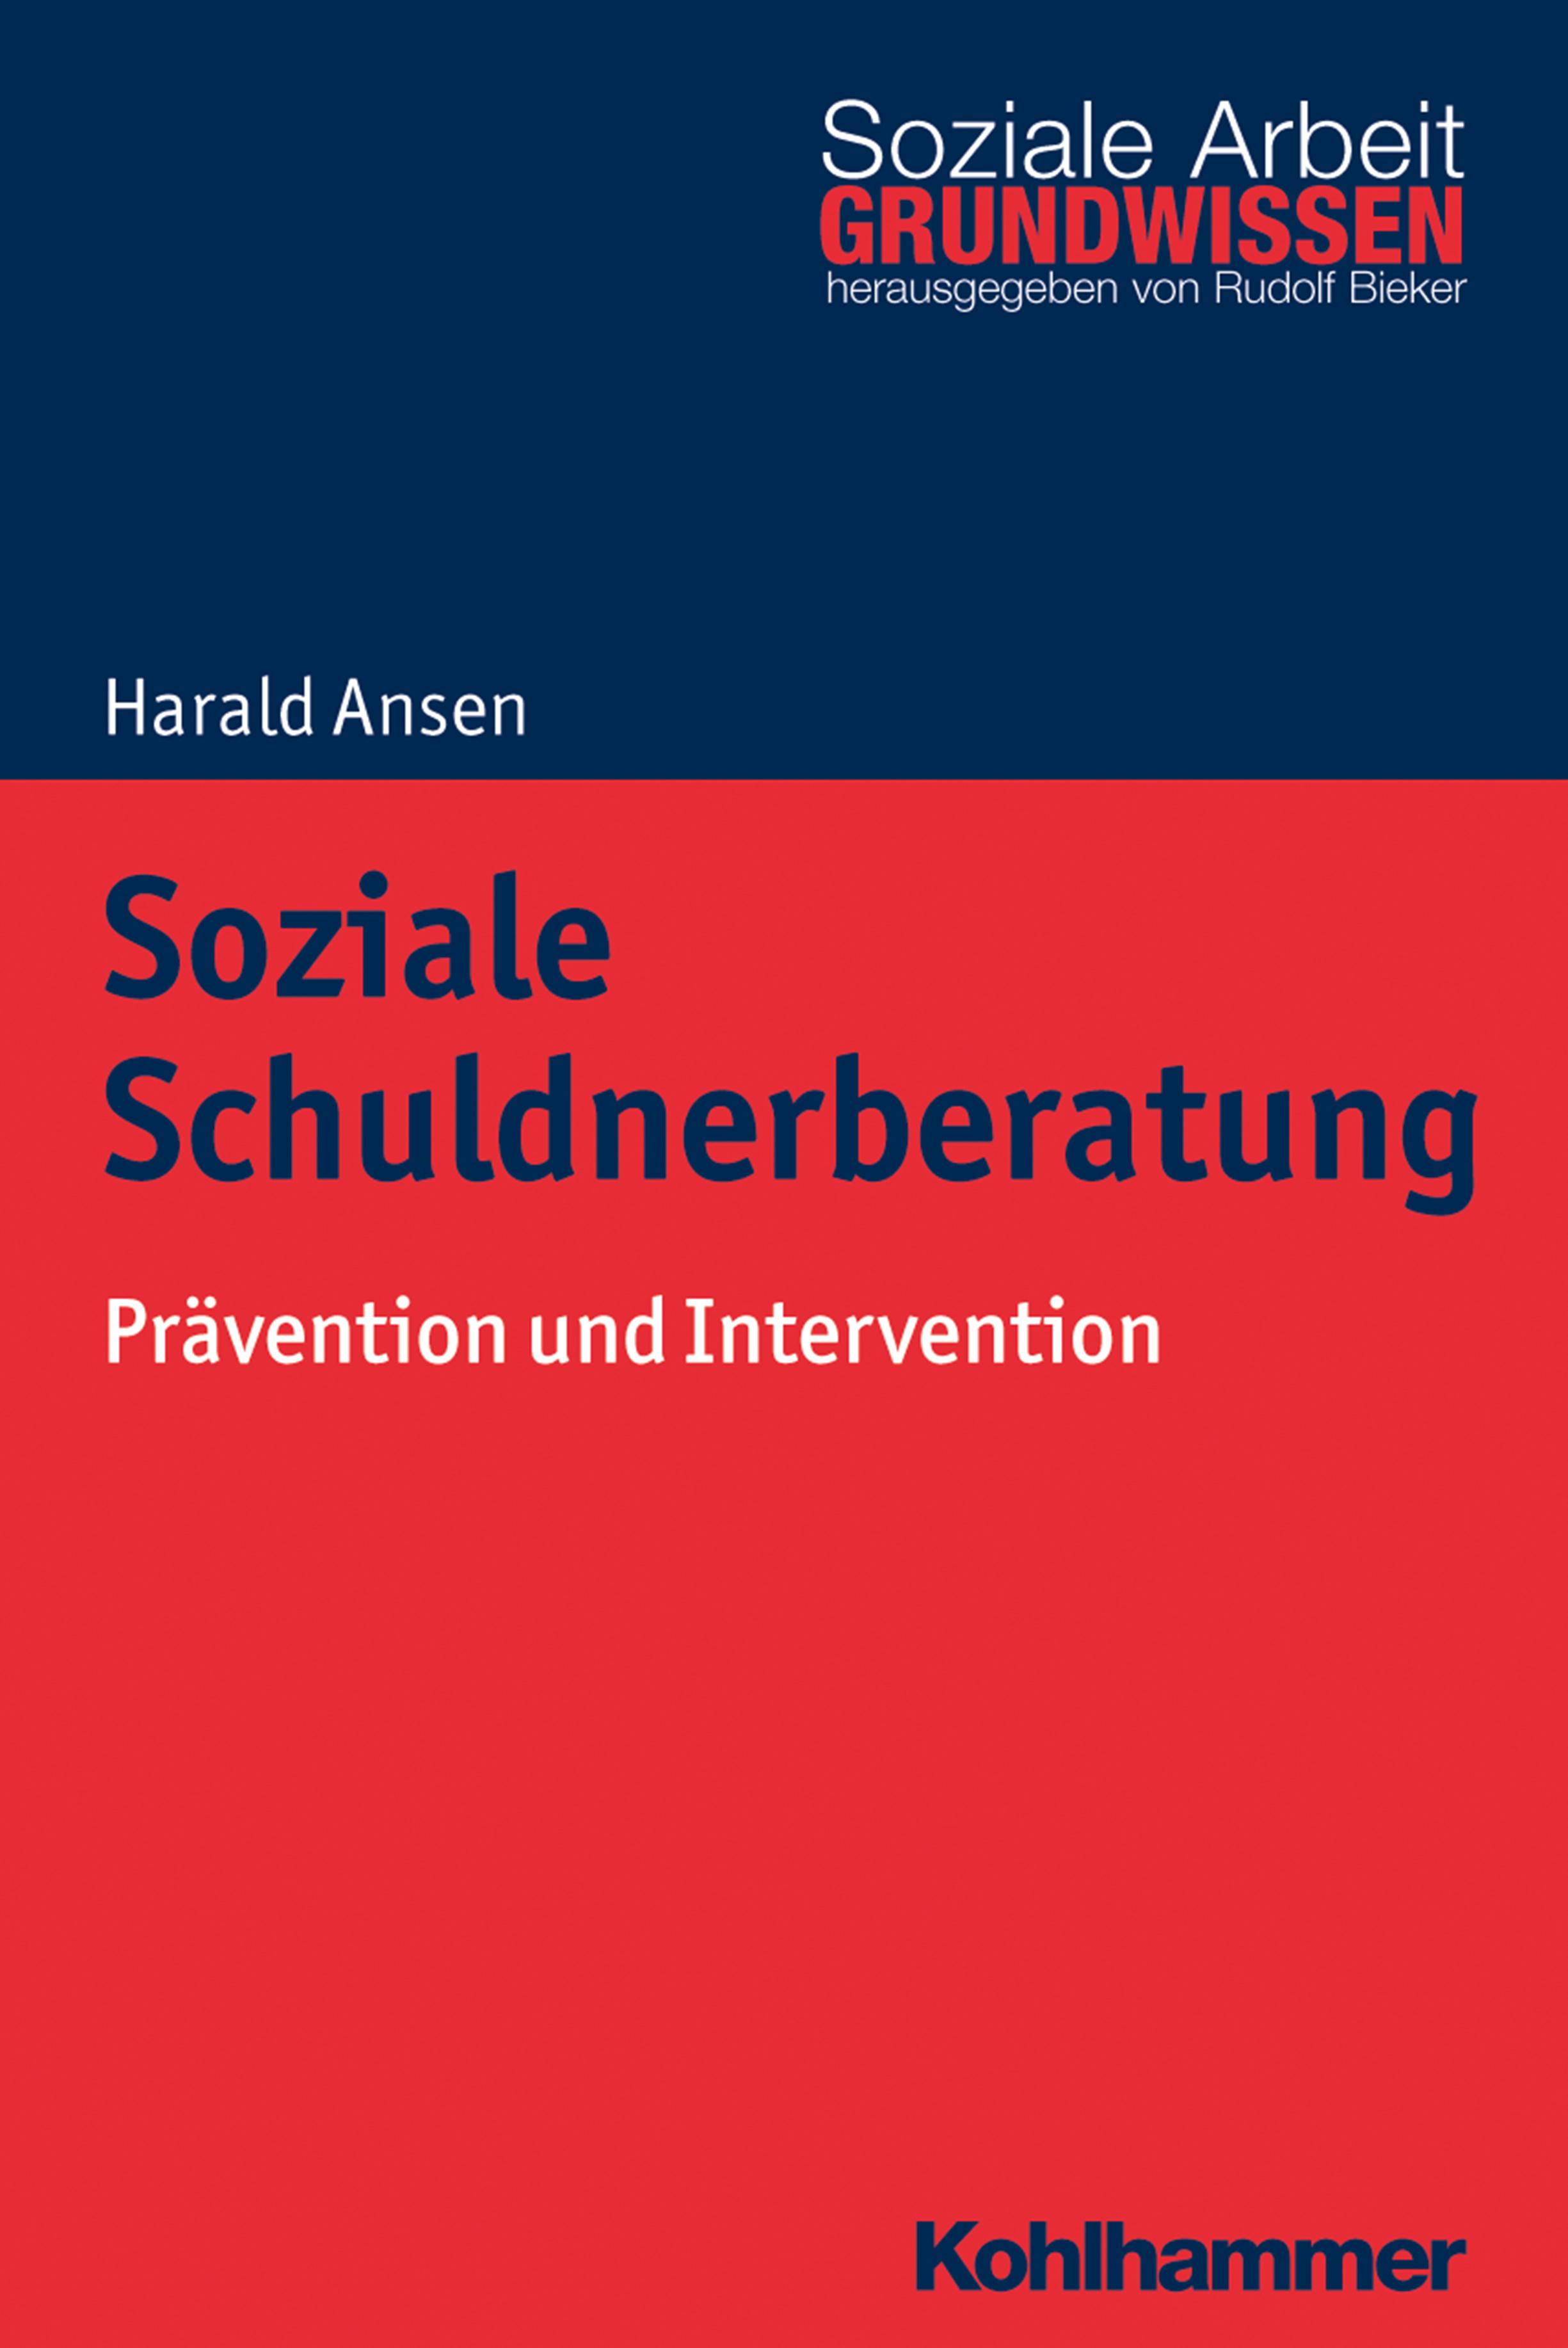 Harald Ansen Soziale Schuldnerberatung